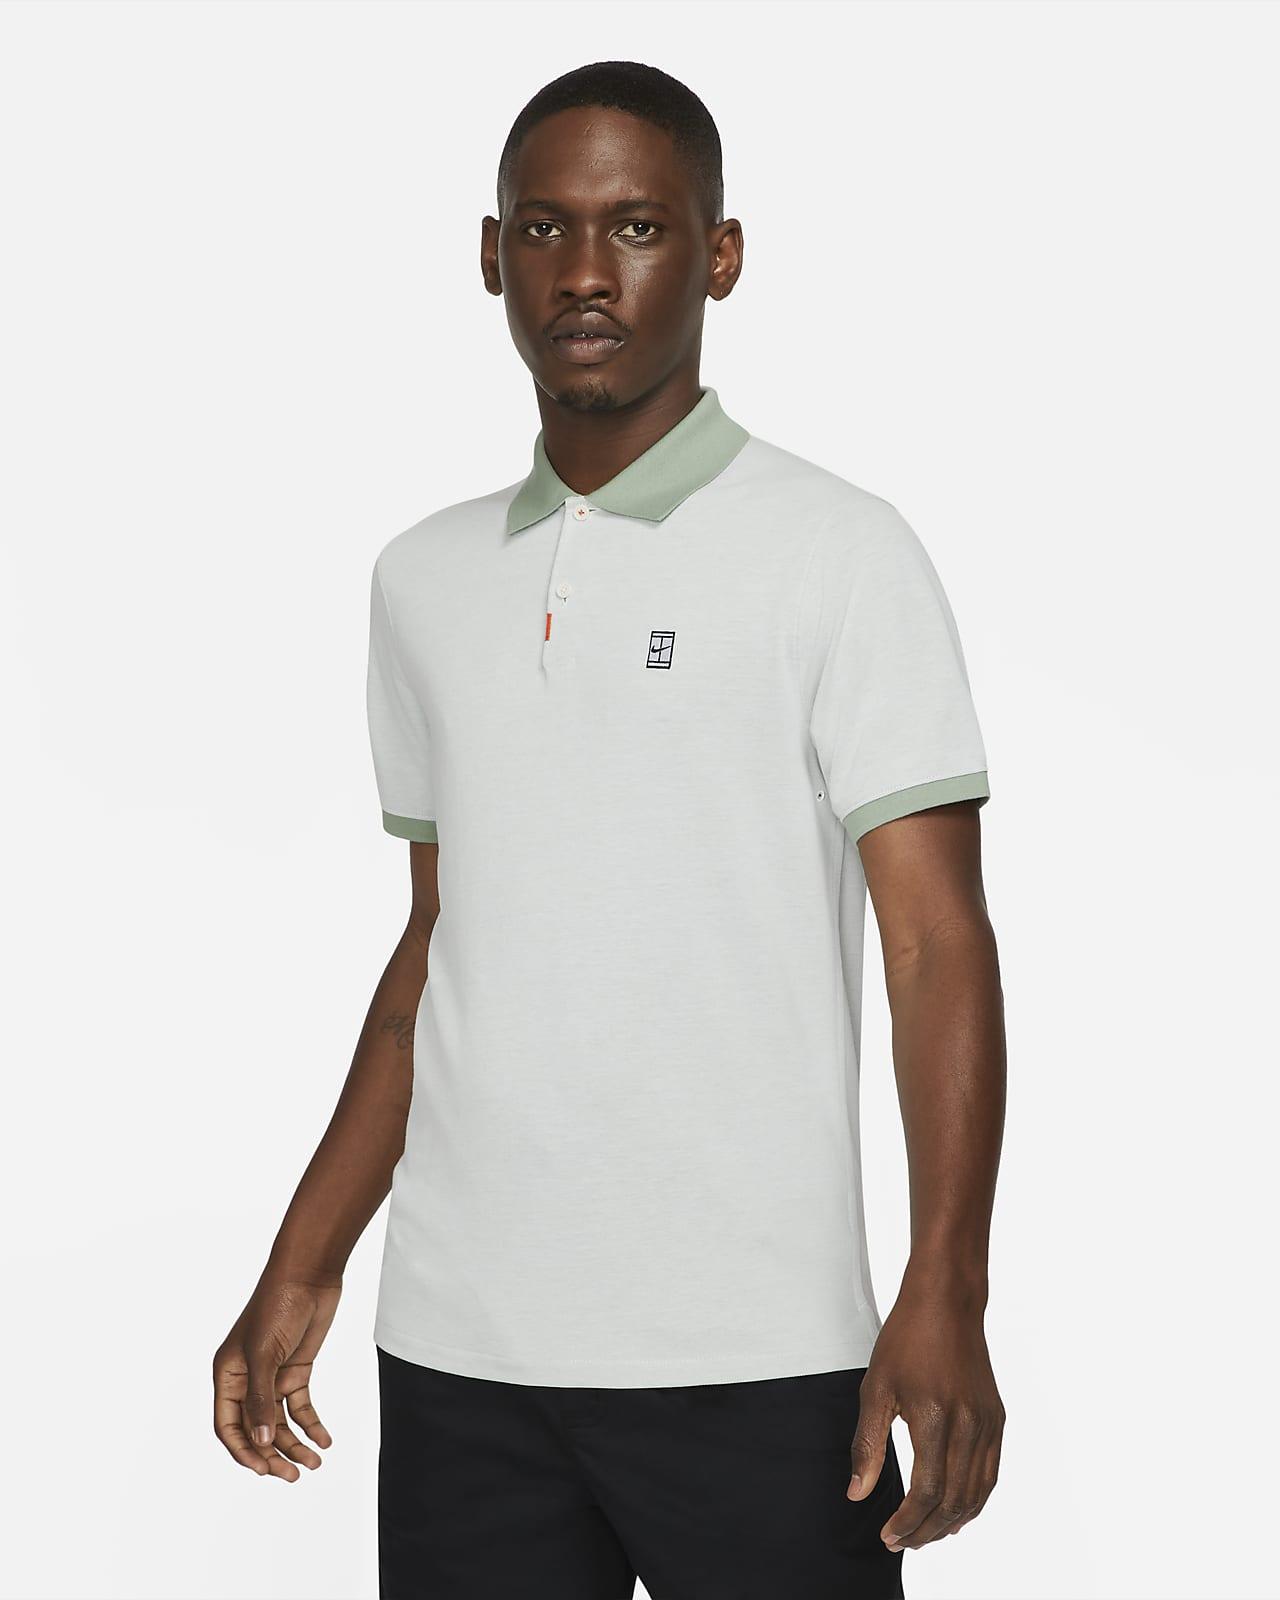 Pikétröja The Nike Polo Slam med slimmad passform för män